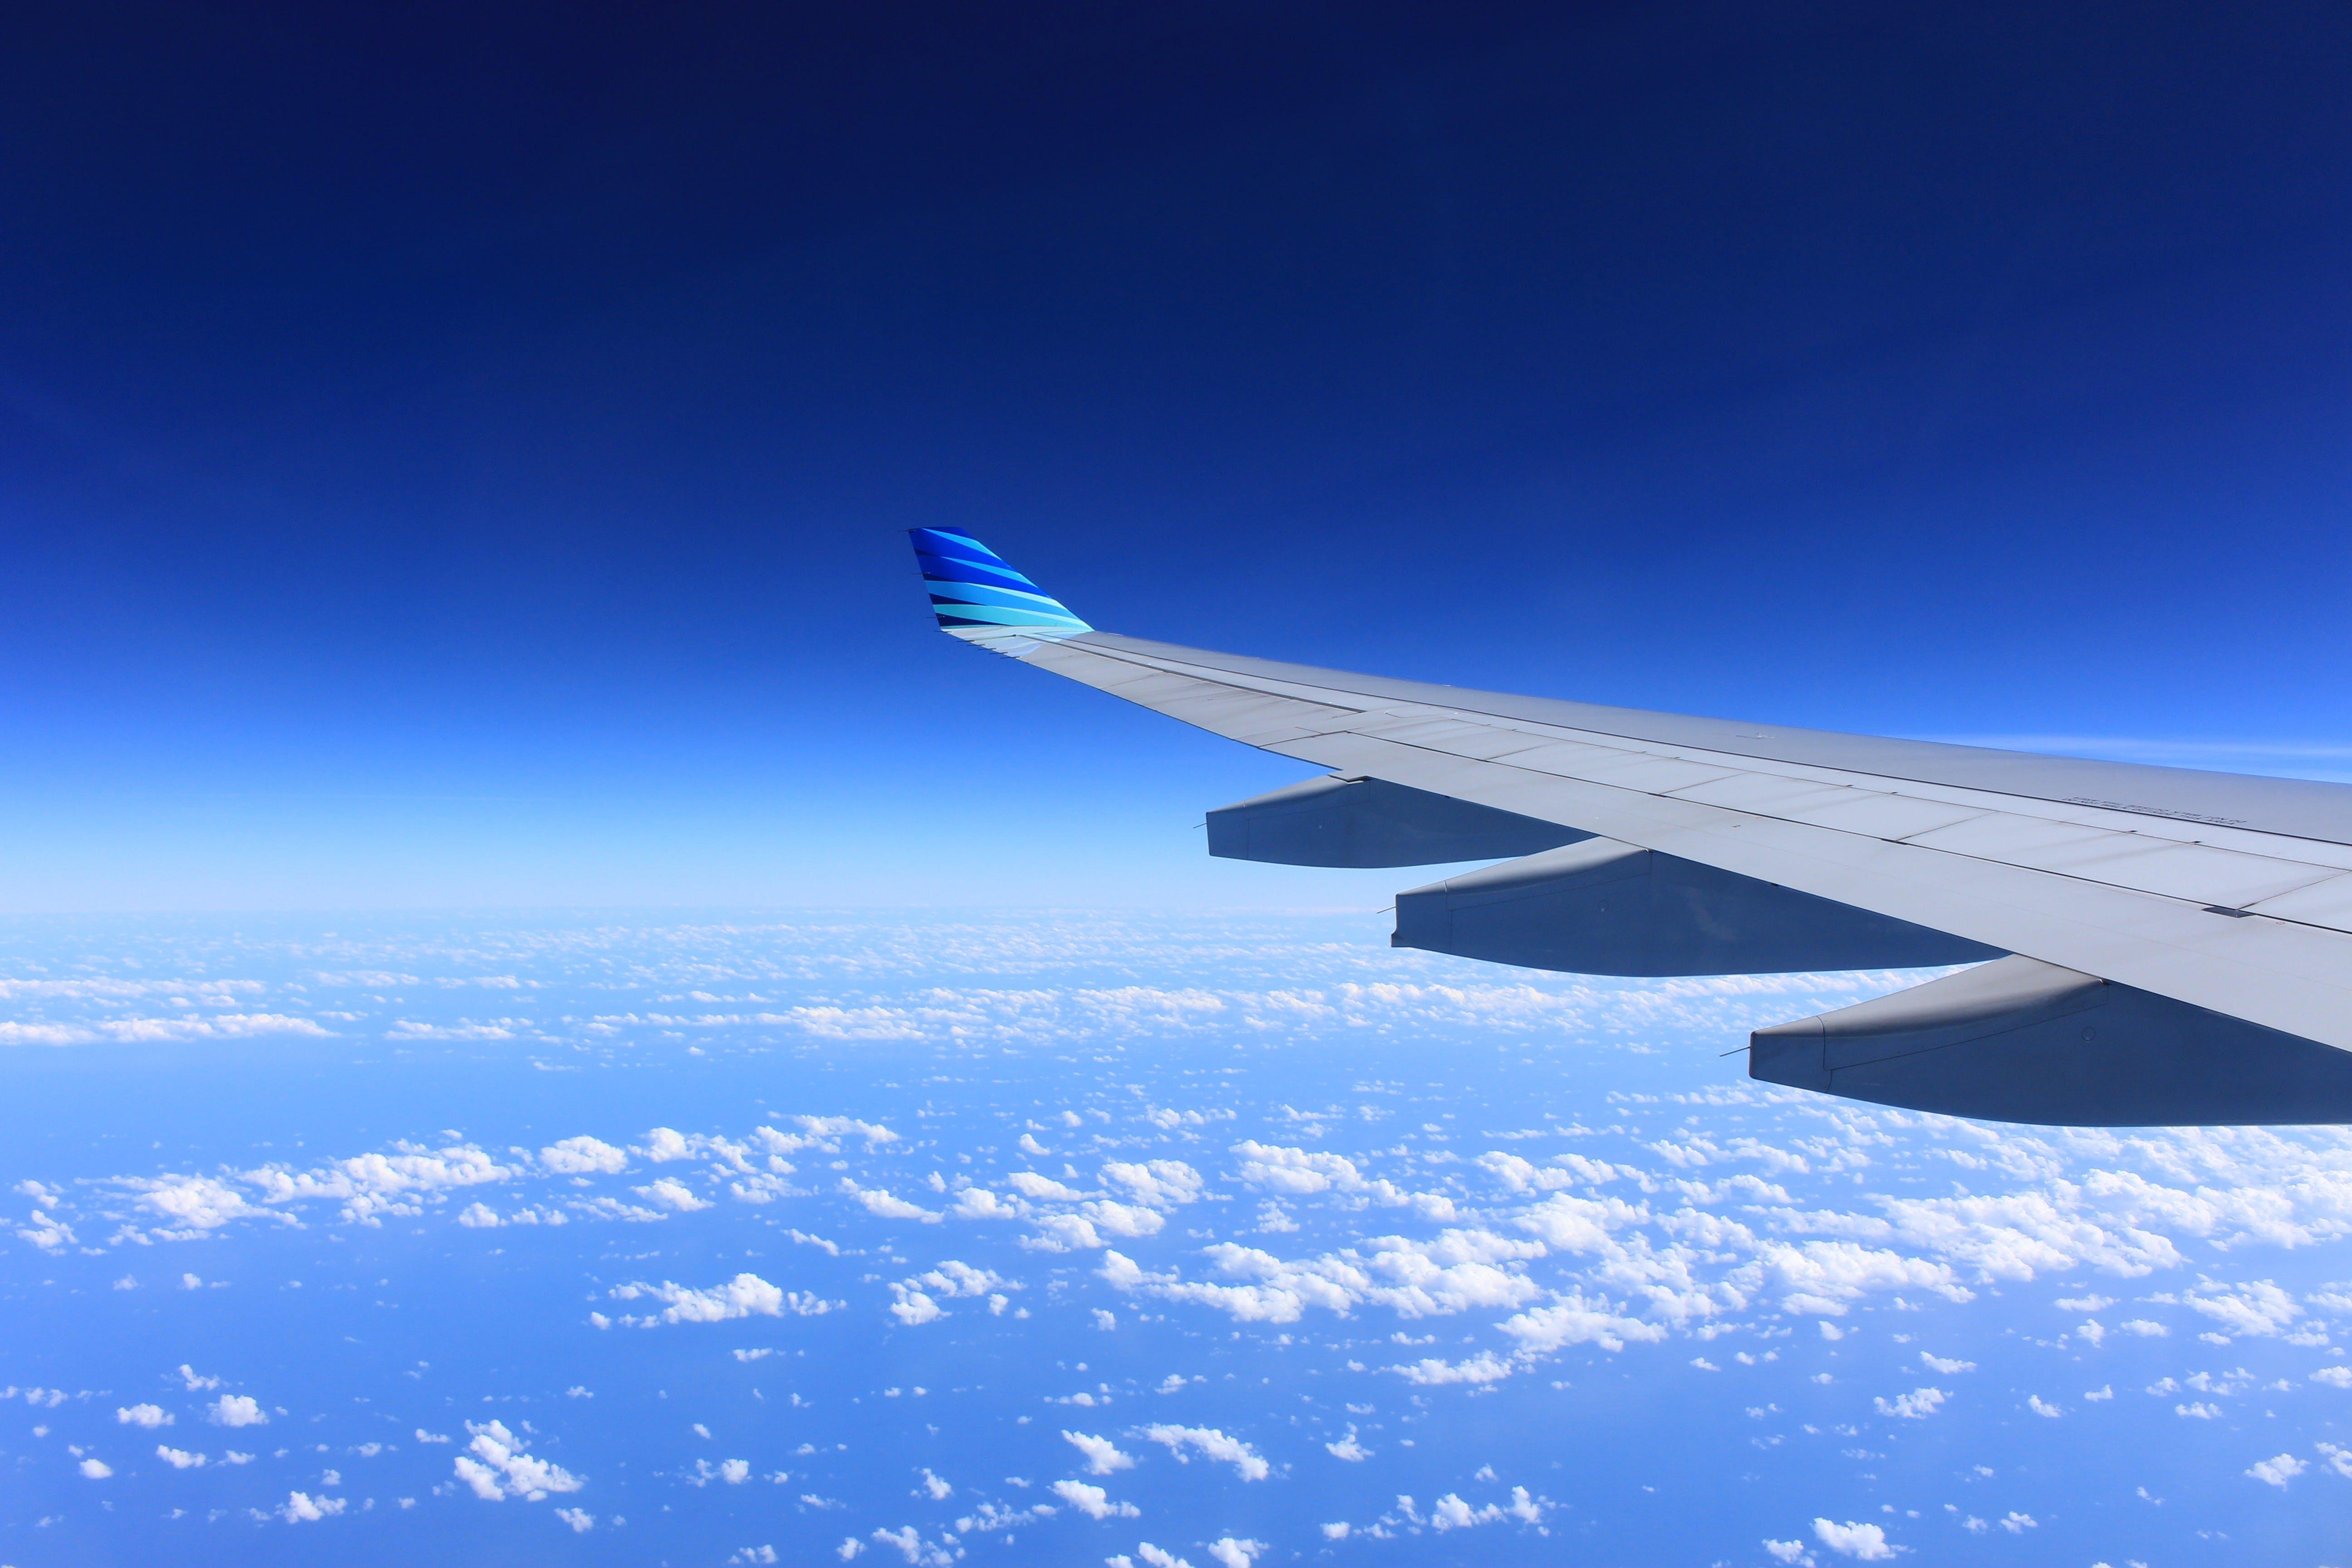 Kostenloses Stock Foto zu fliegen, flug, flugzeug, flugzeugflügel